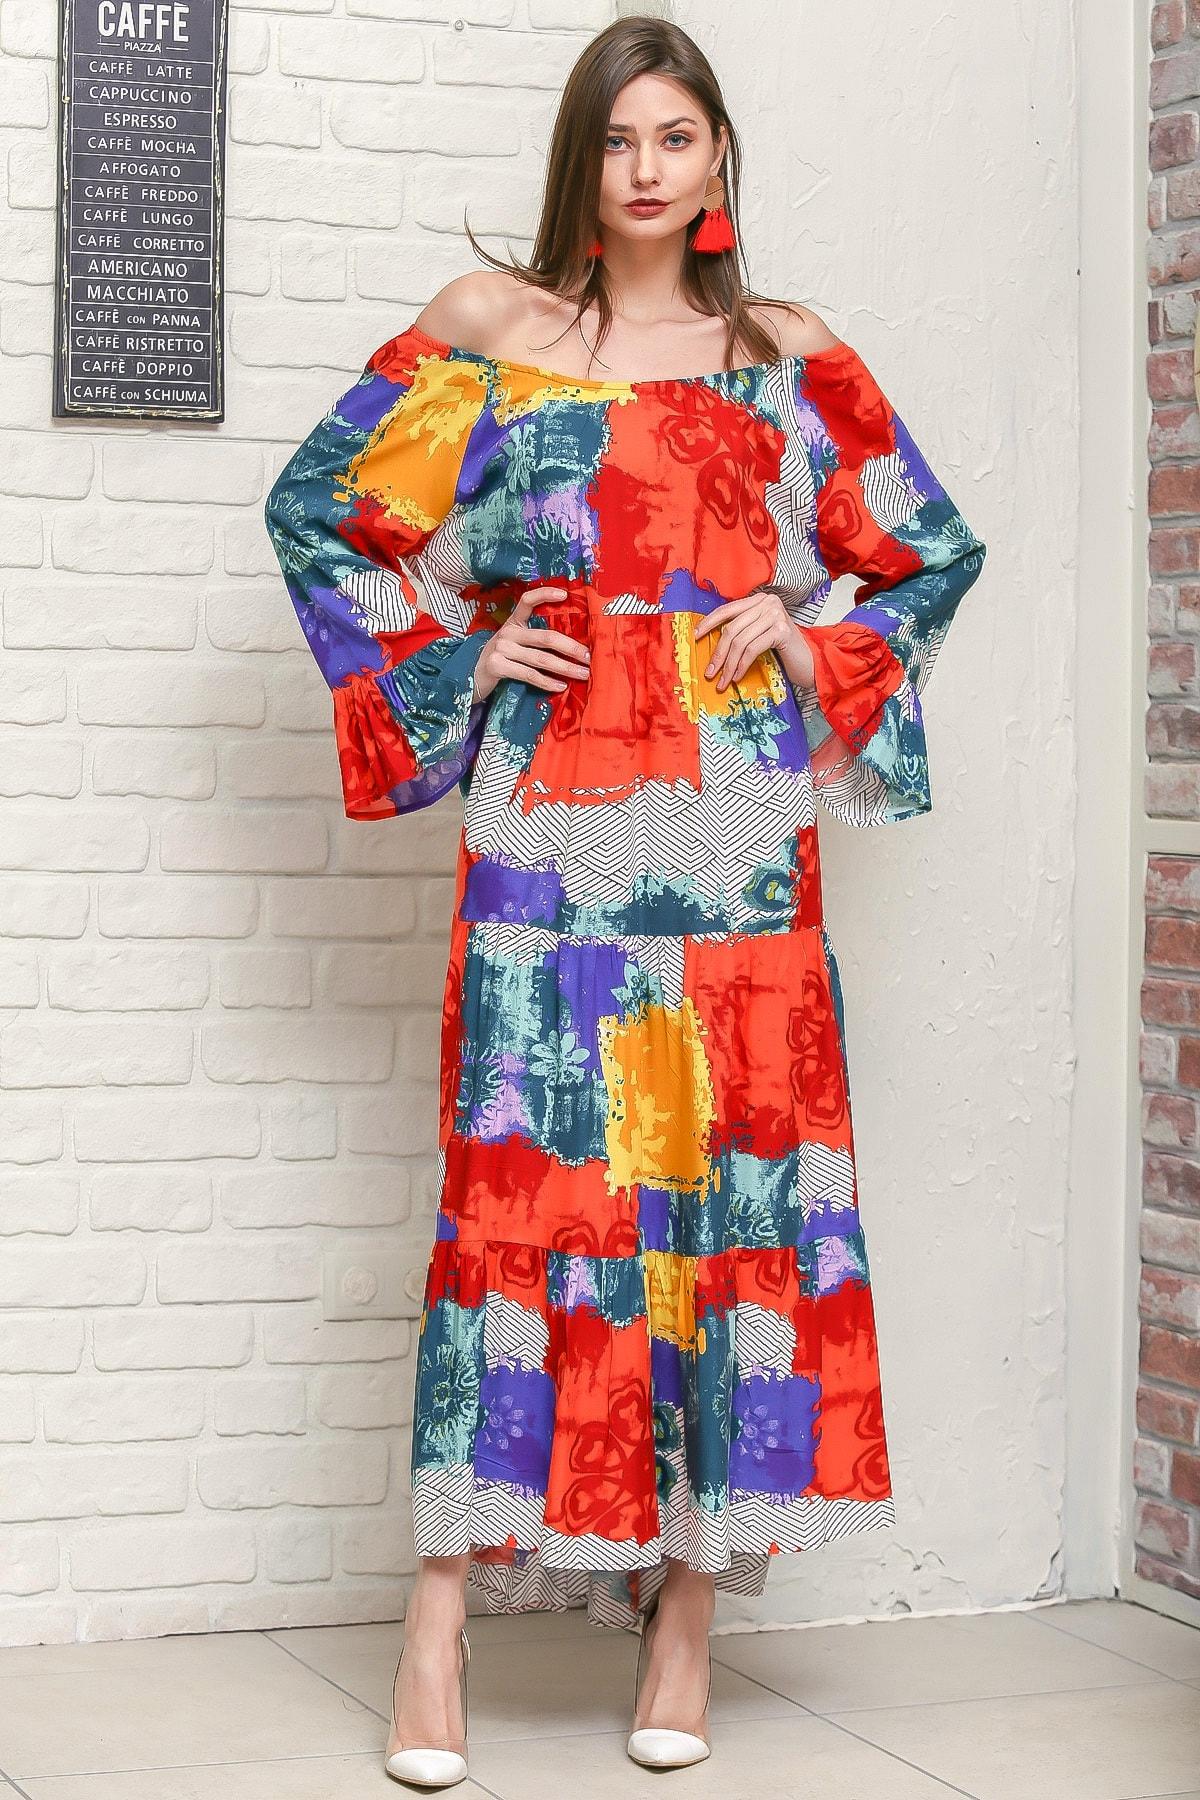 Chiccy Kadın Turuncu Carmen Yaka Kol Ucu Volanlı Geometrik Desenli Salaş Dokuma Elbise M10160000EL95905